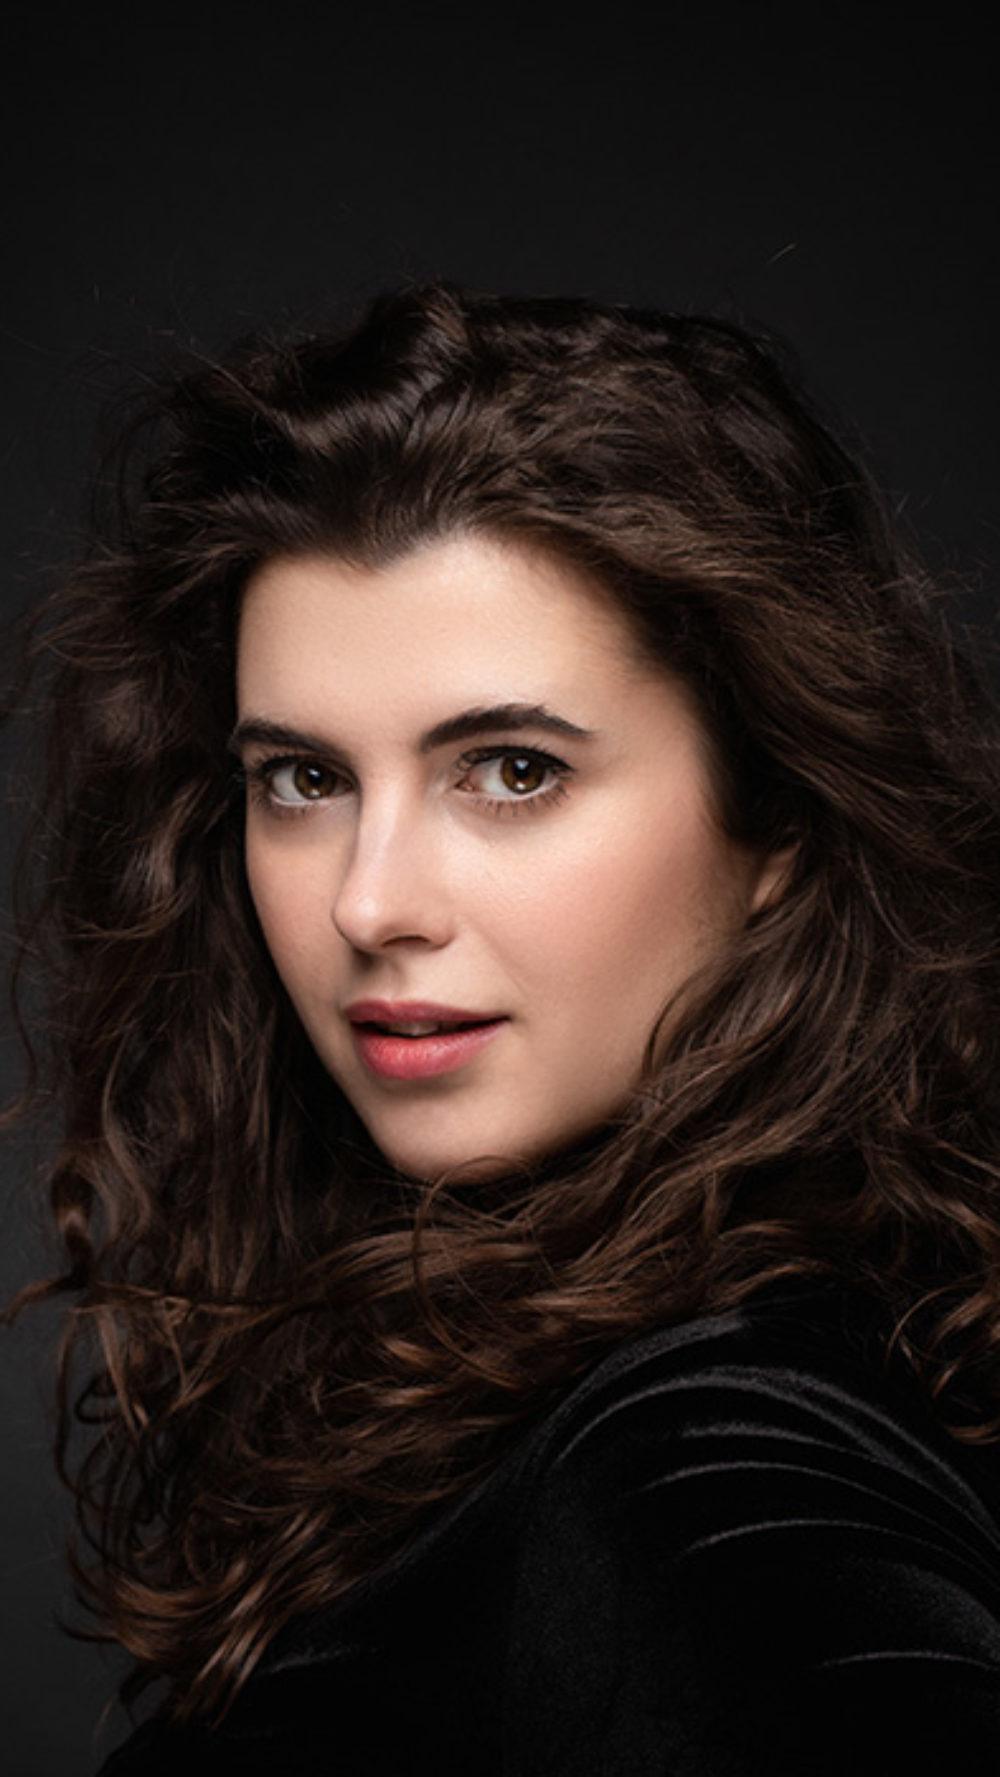 Alessia-Schumacher-2